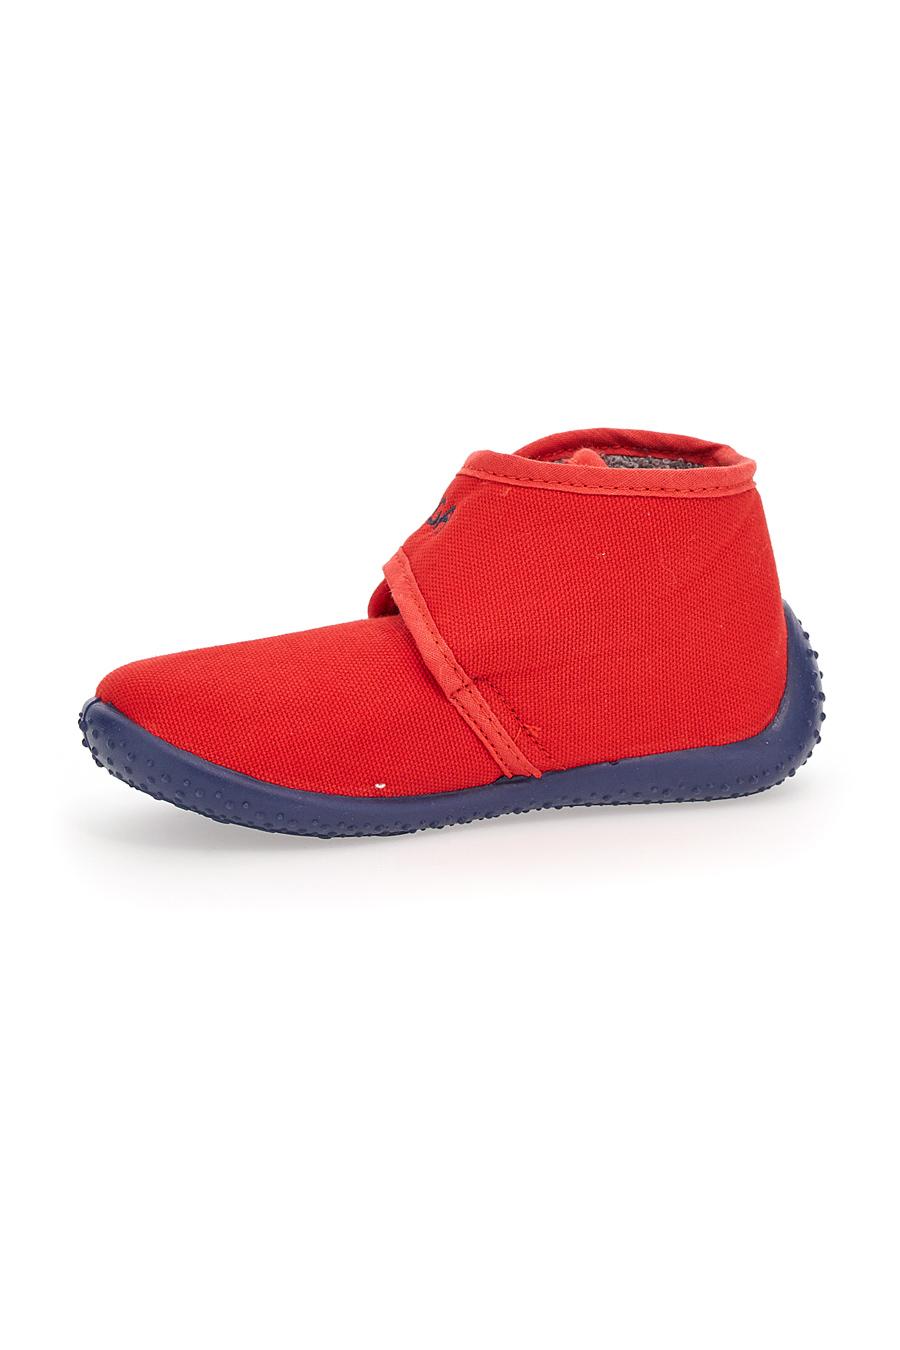 PANTOFOLE bambino rosso SUPERGA 21438 | Pittarello